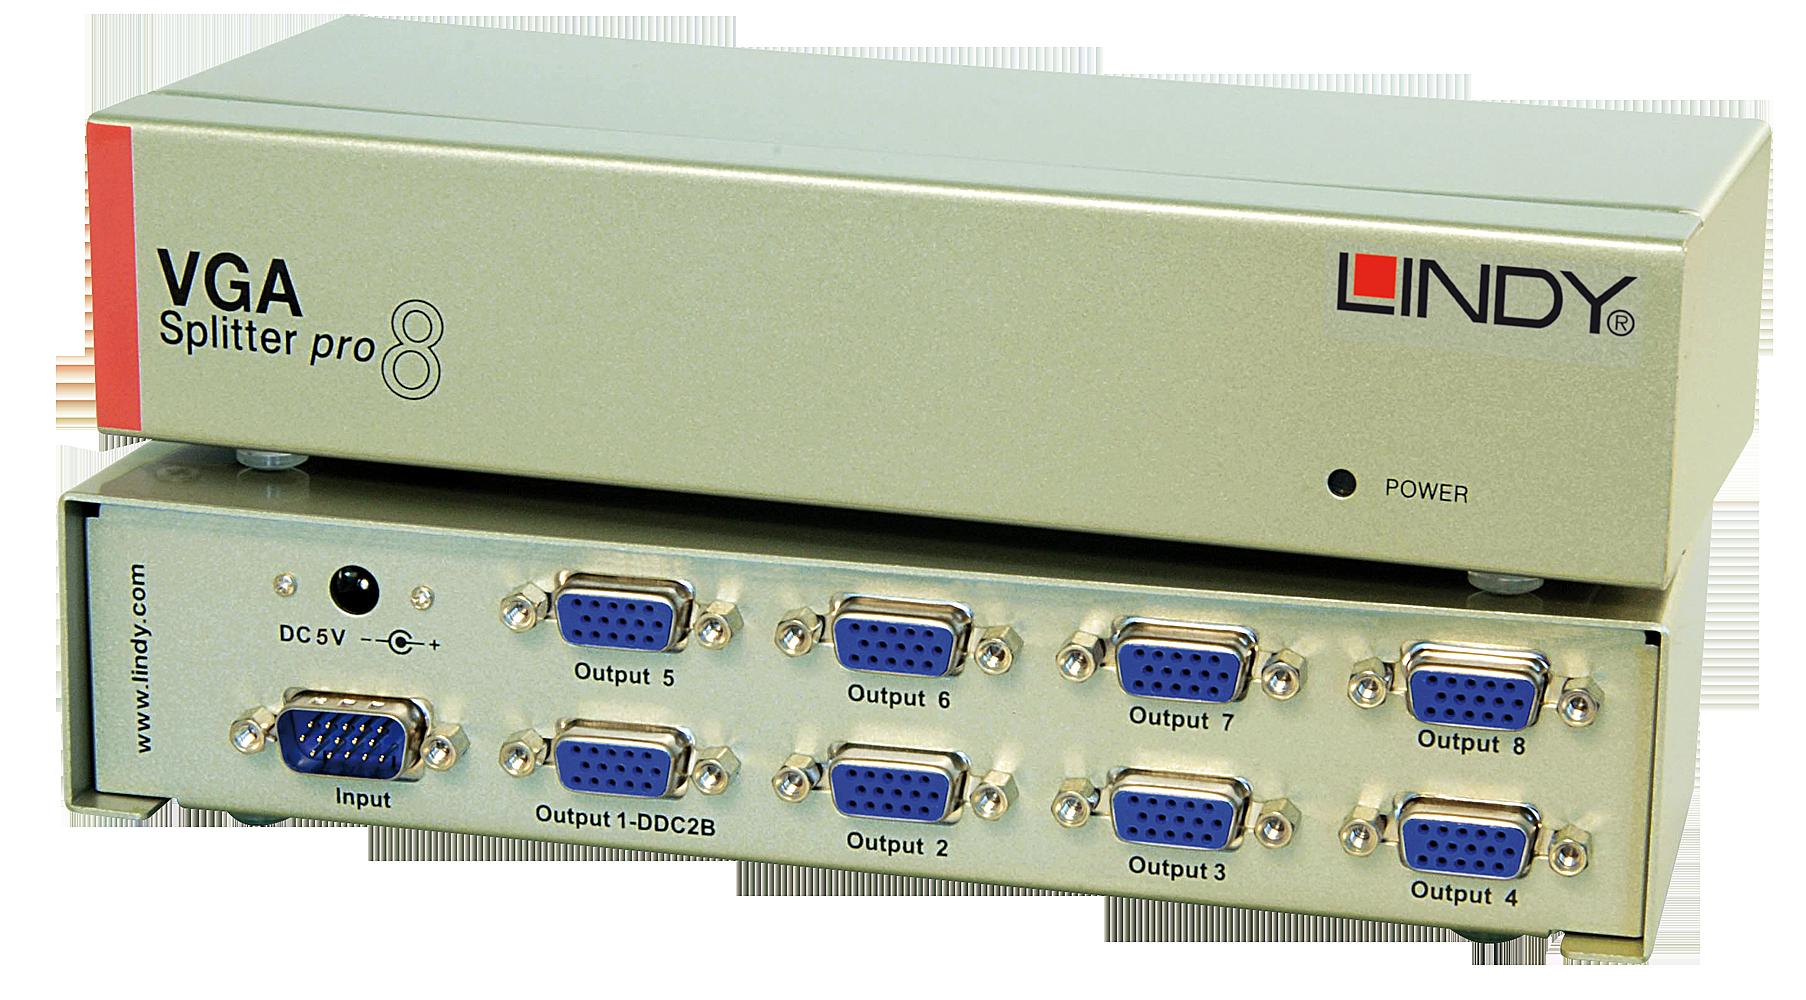 VGA Splitter PRO, 8 Port